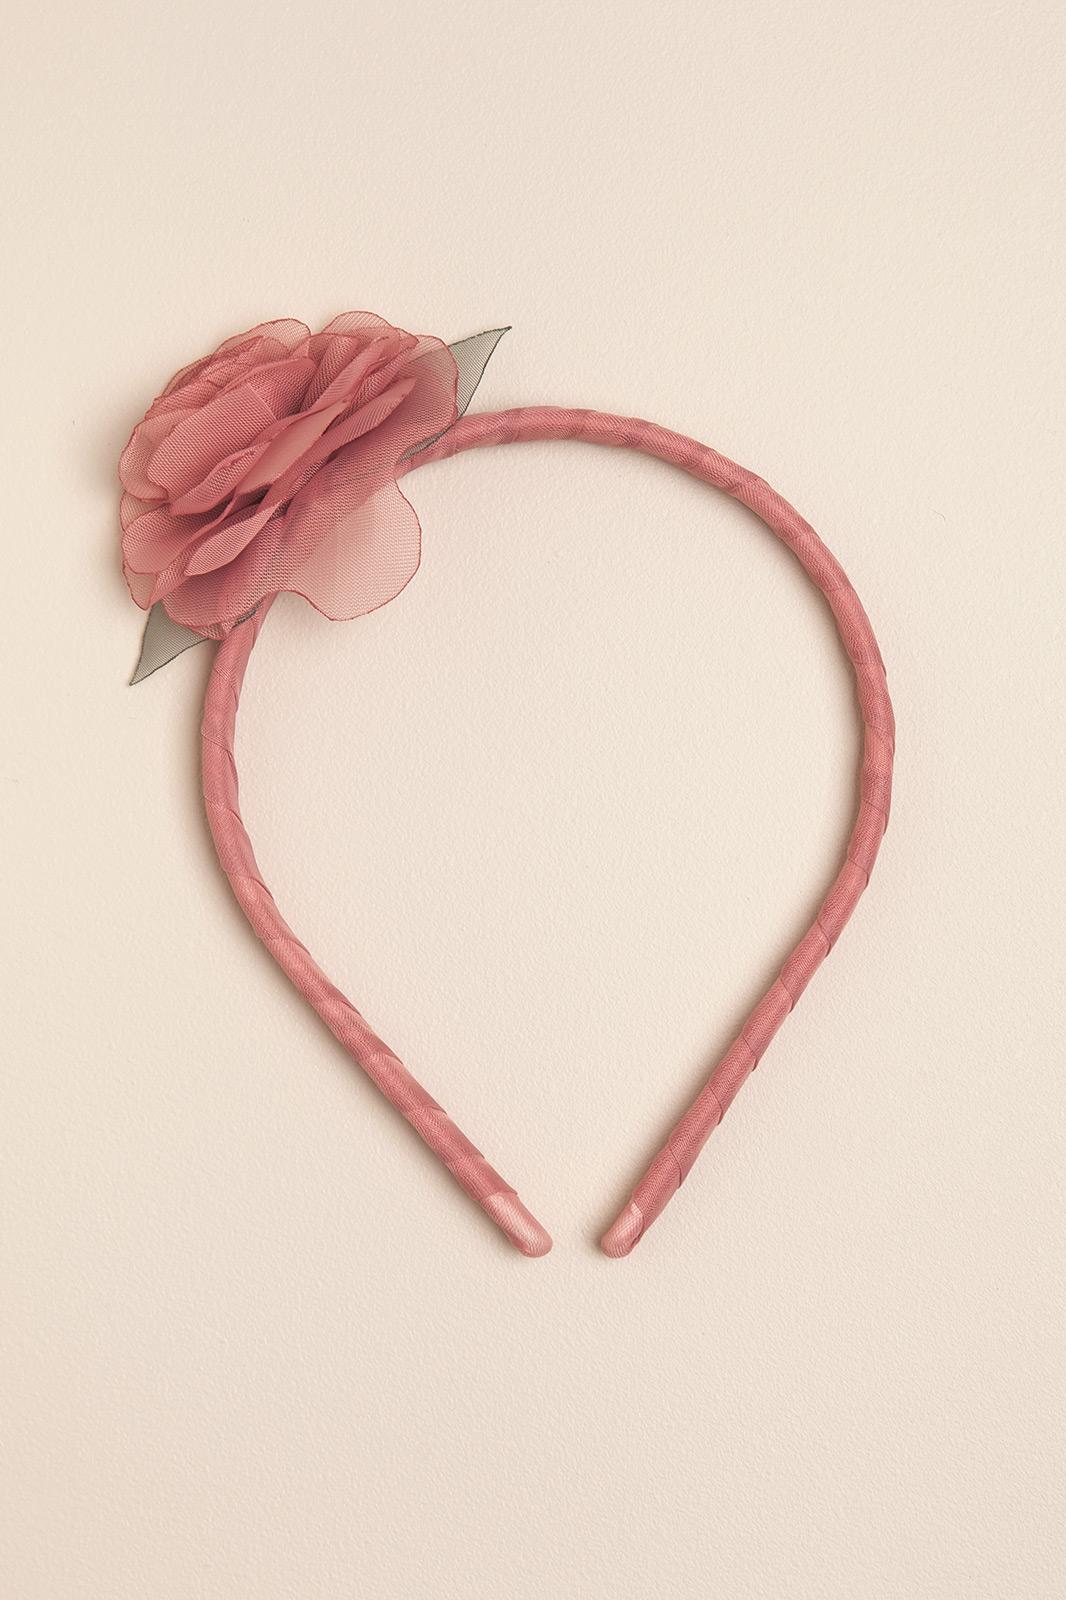 Vincha rigida con una flor rosa romantic